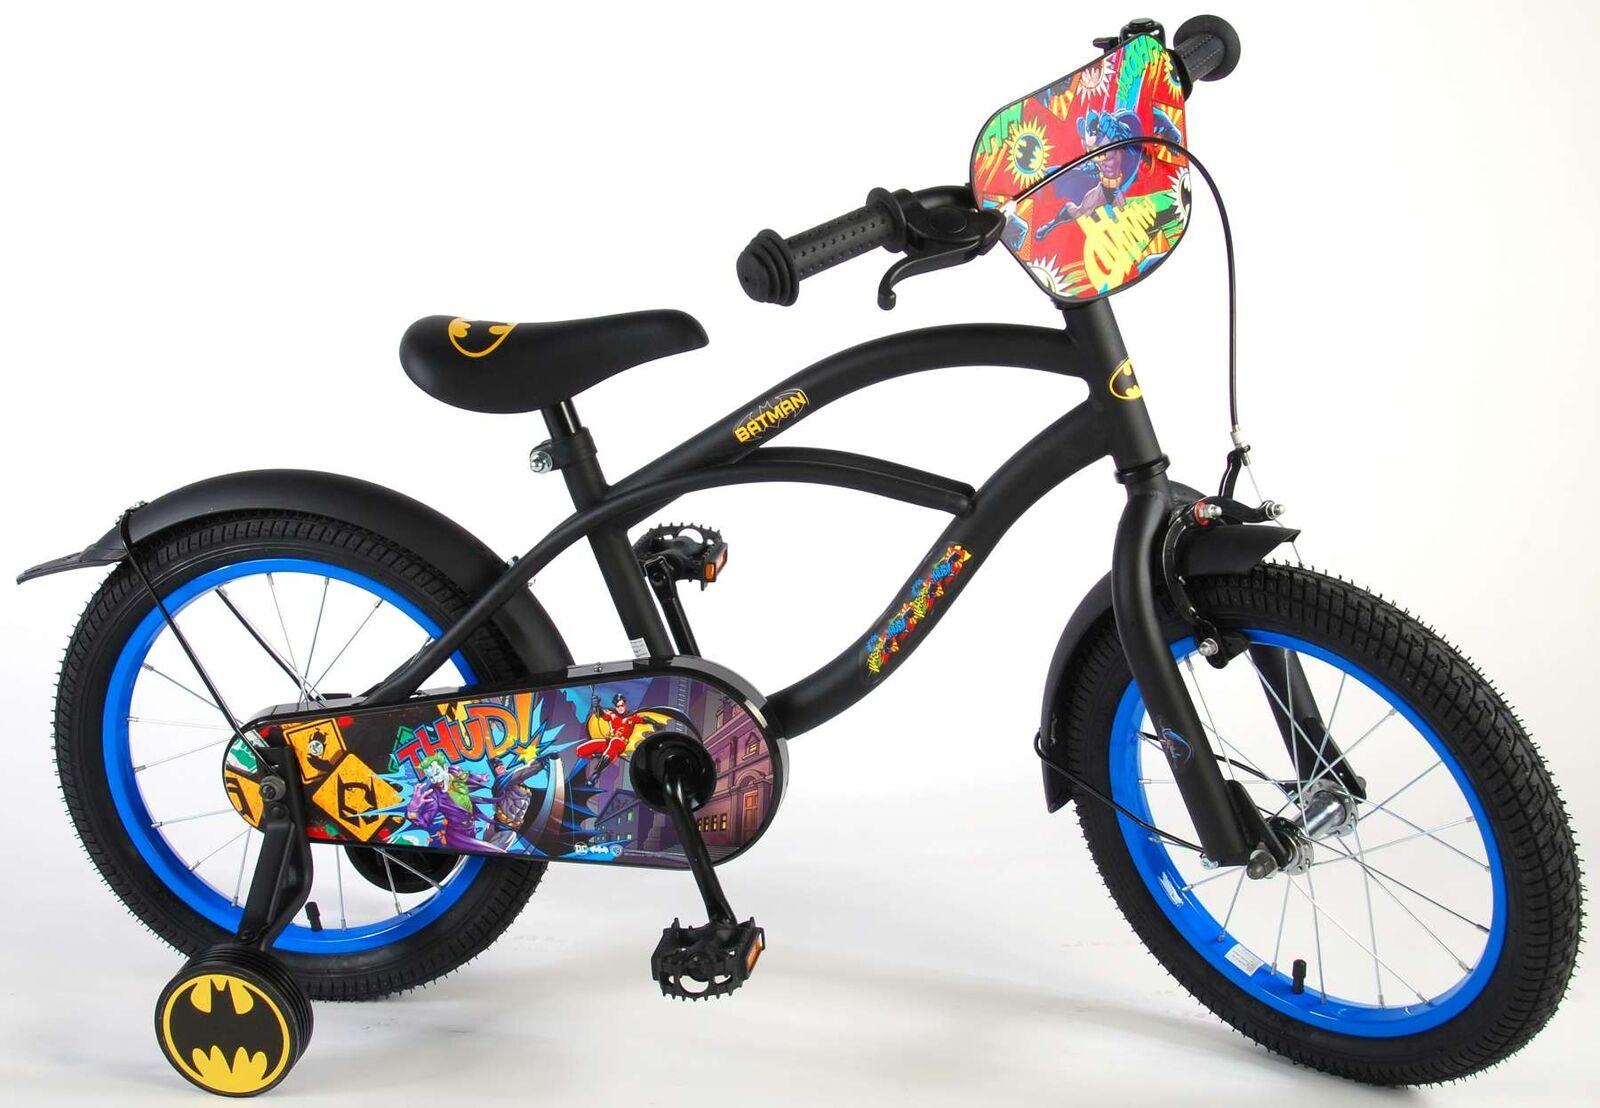 Kinderfahrrad Batman 16 Zoll Jungen Fahrrad Fahrrad Fahrrad mit Rücktrittbremse - 95% montiert 5fc4d3